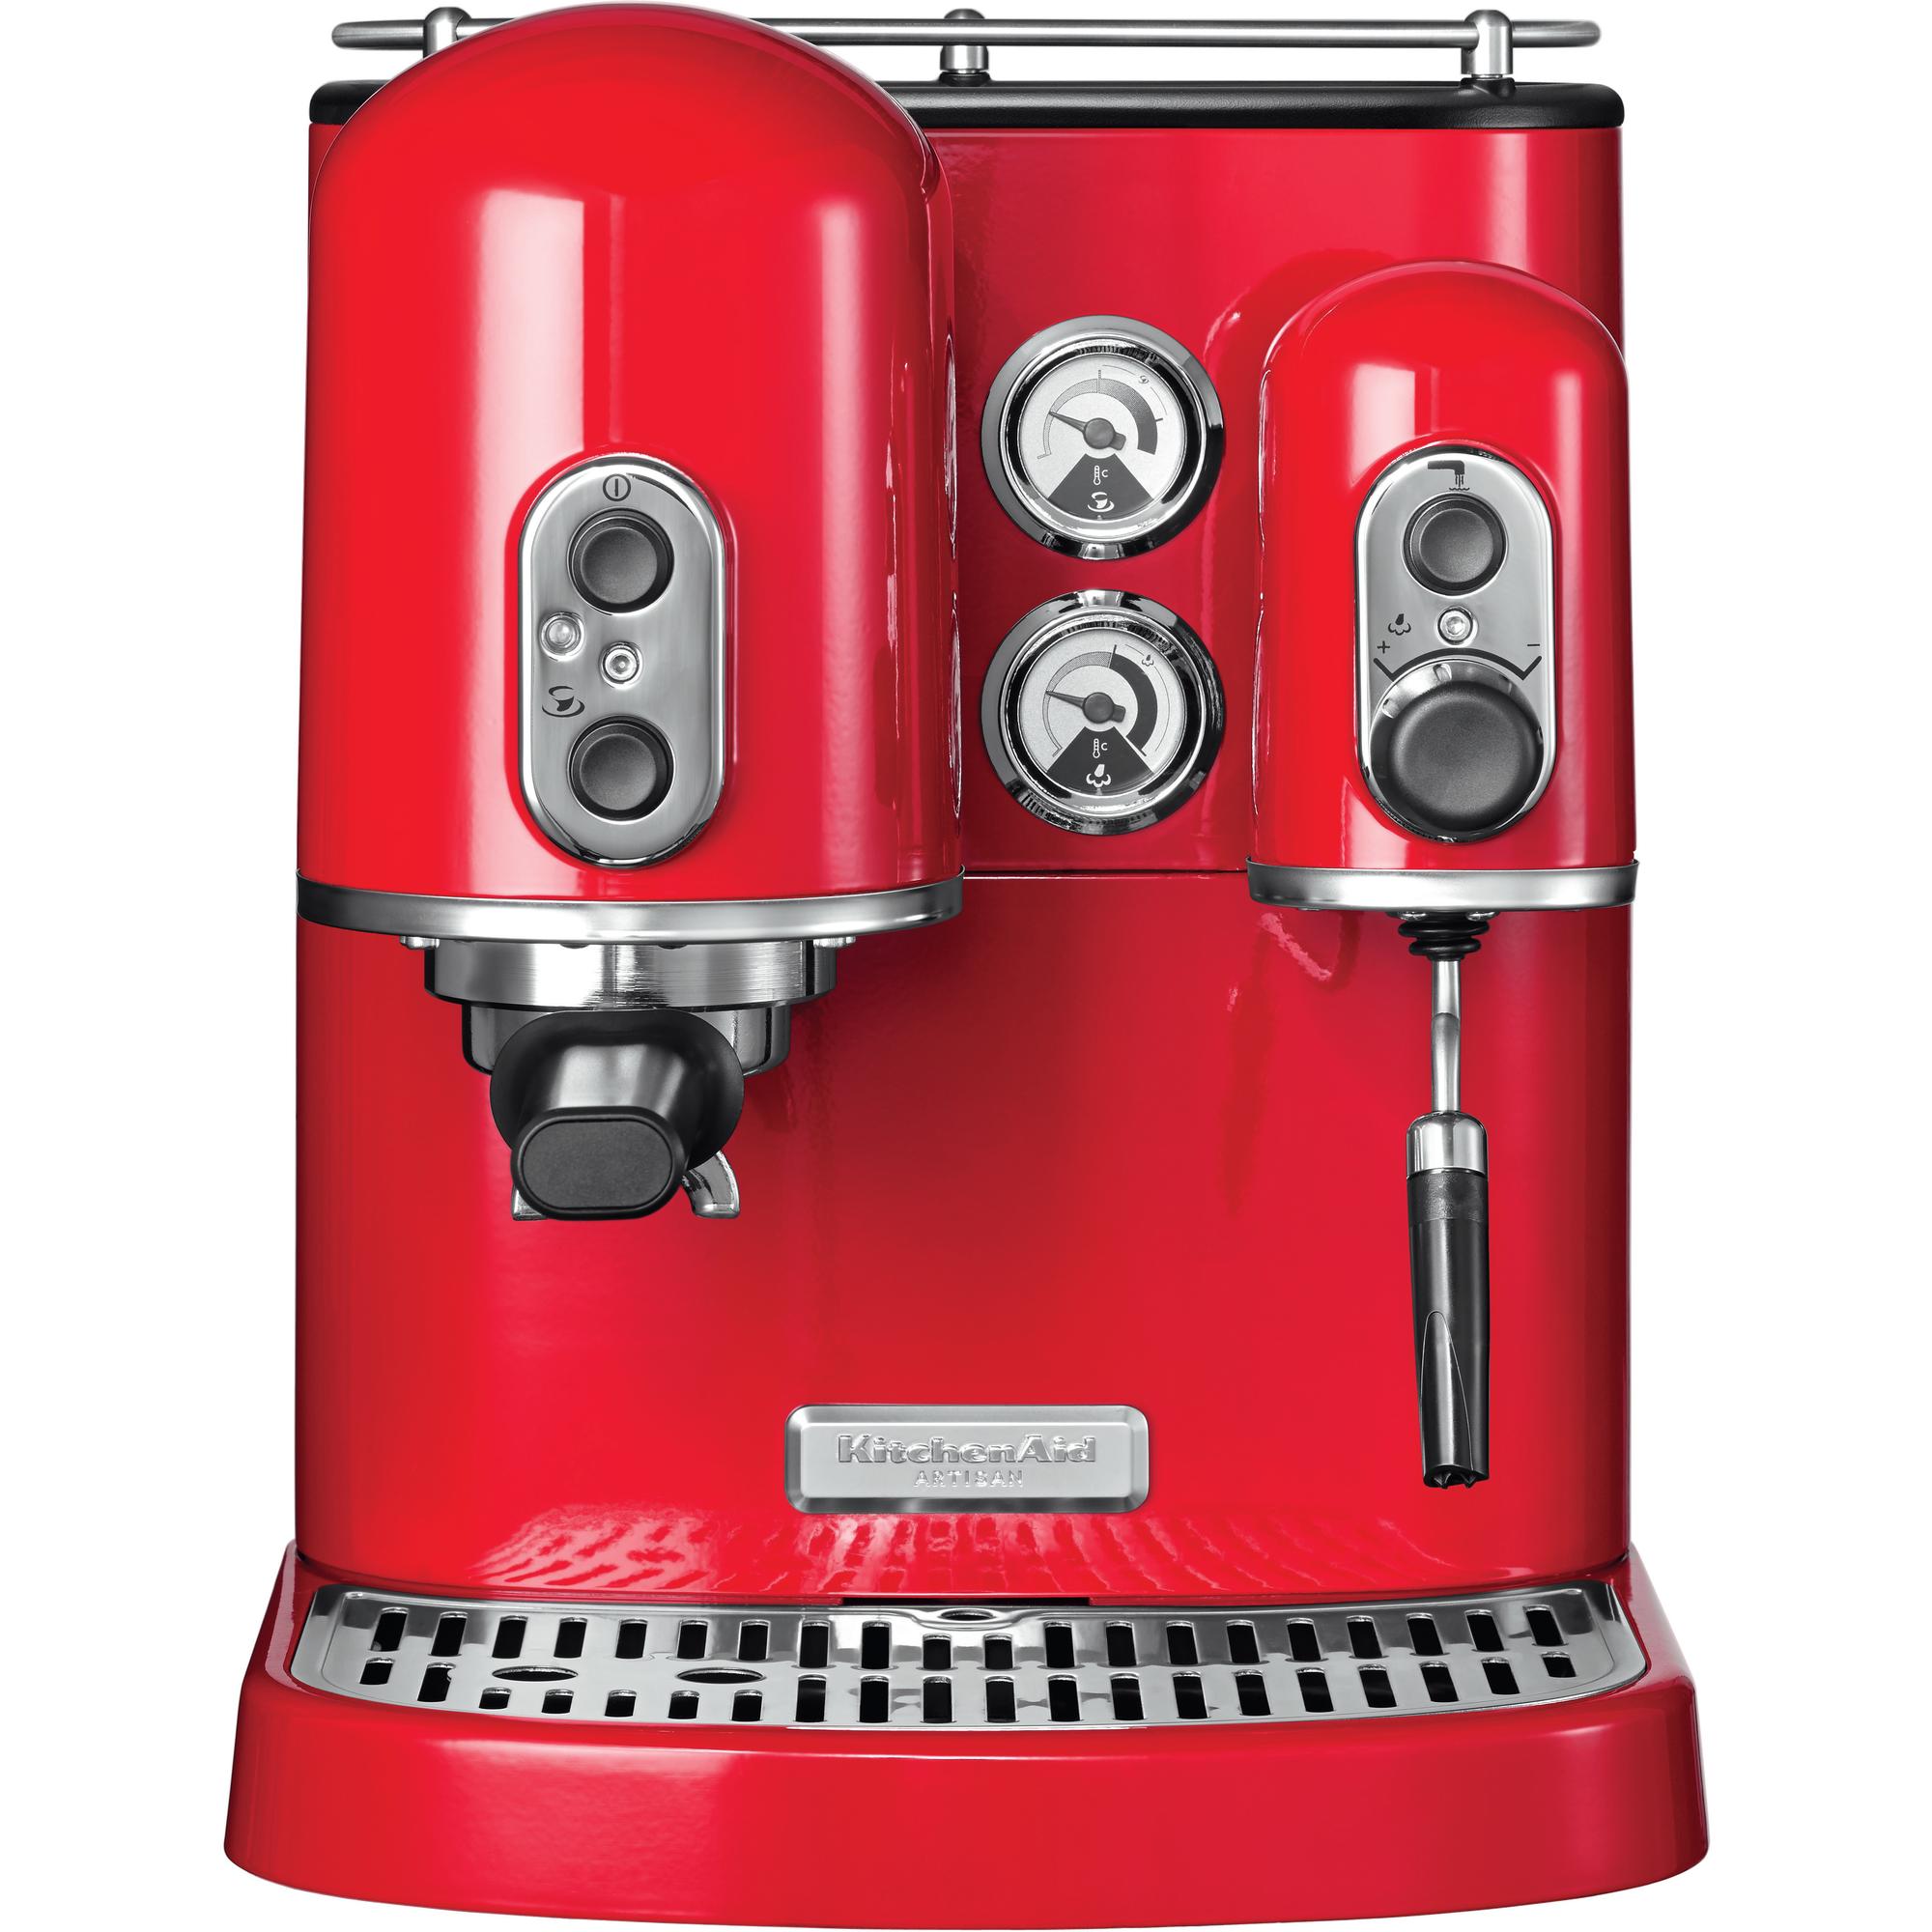 kitchenaid artisan espressomaschine 5kes2102 offizielle website von kitchenaid. Black Bedroom Furniture Sets. Home Design Ideas